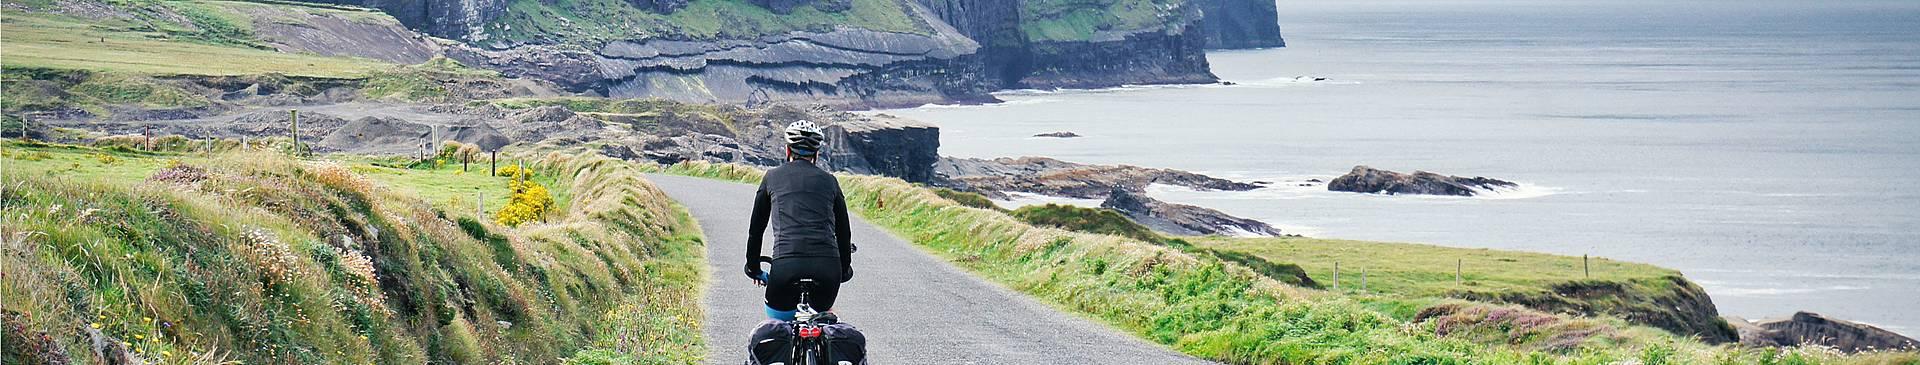 Radreisen in Irland